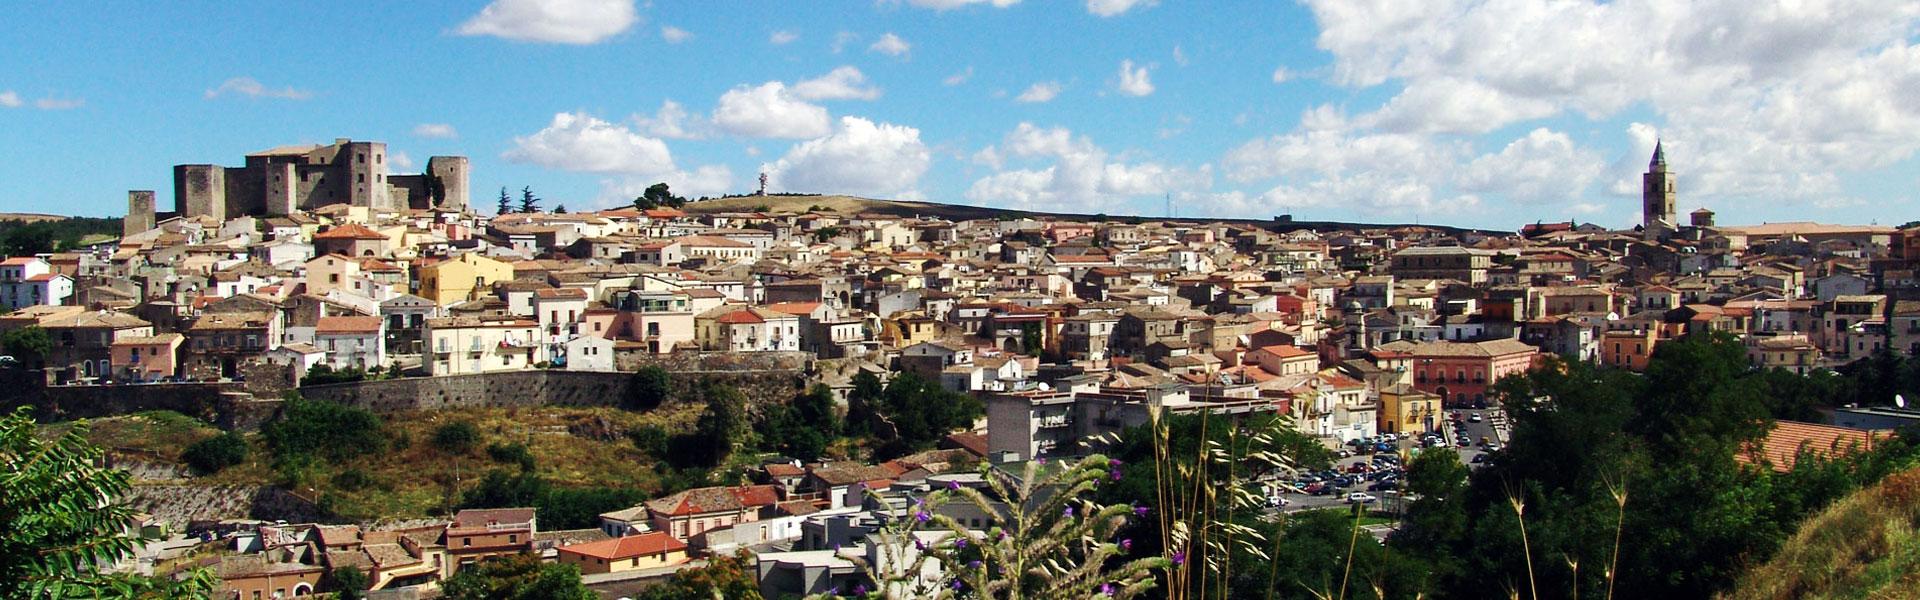 melfi-9-hostel-il-tetto-ostello-alloggio-camera-vacanza ...